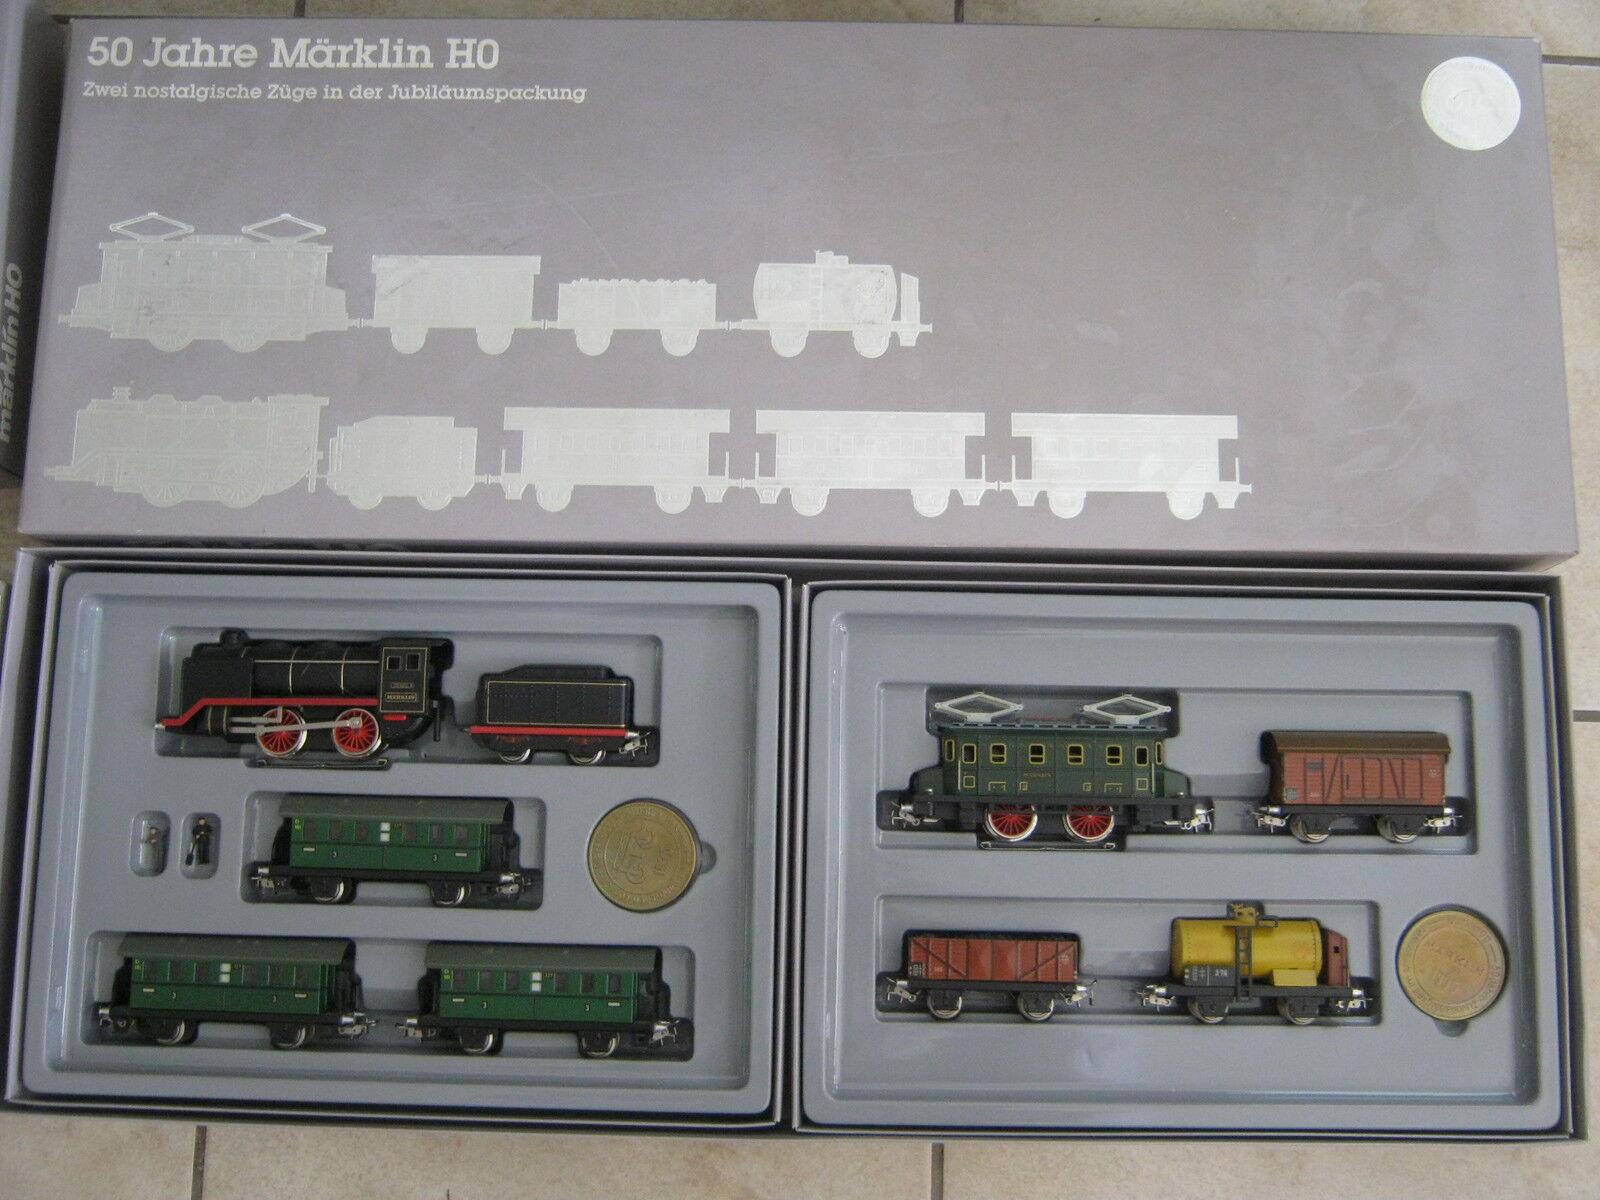 HO 0050 nostalgica treni 50 anni   Giubileo  rg/cf/052-95r2/13